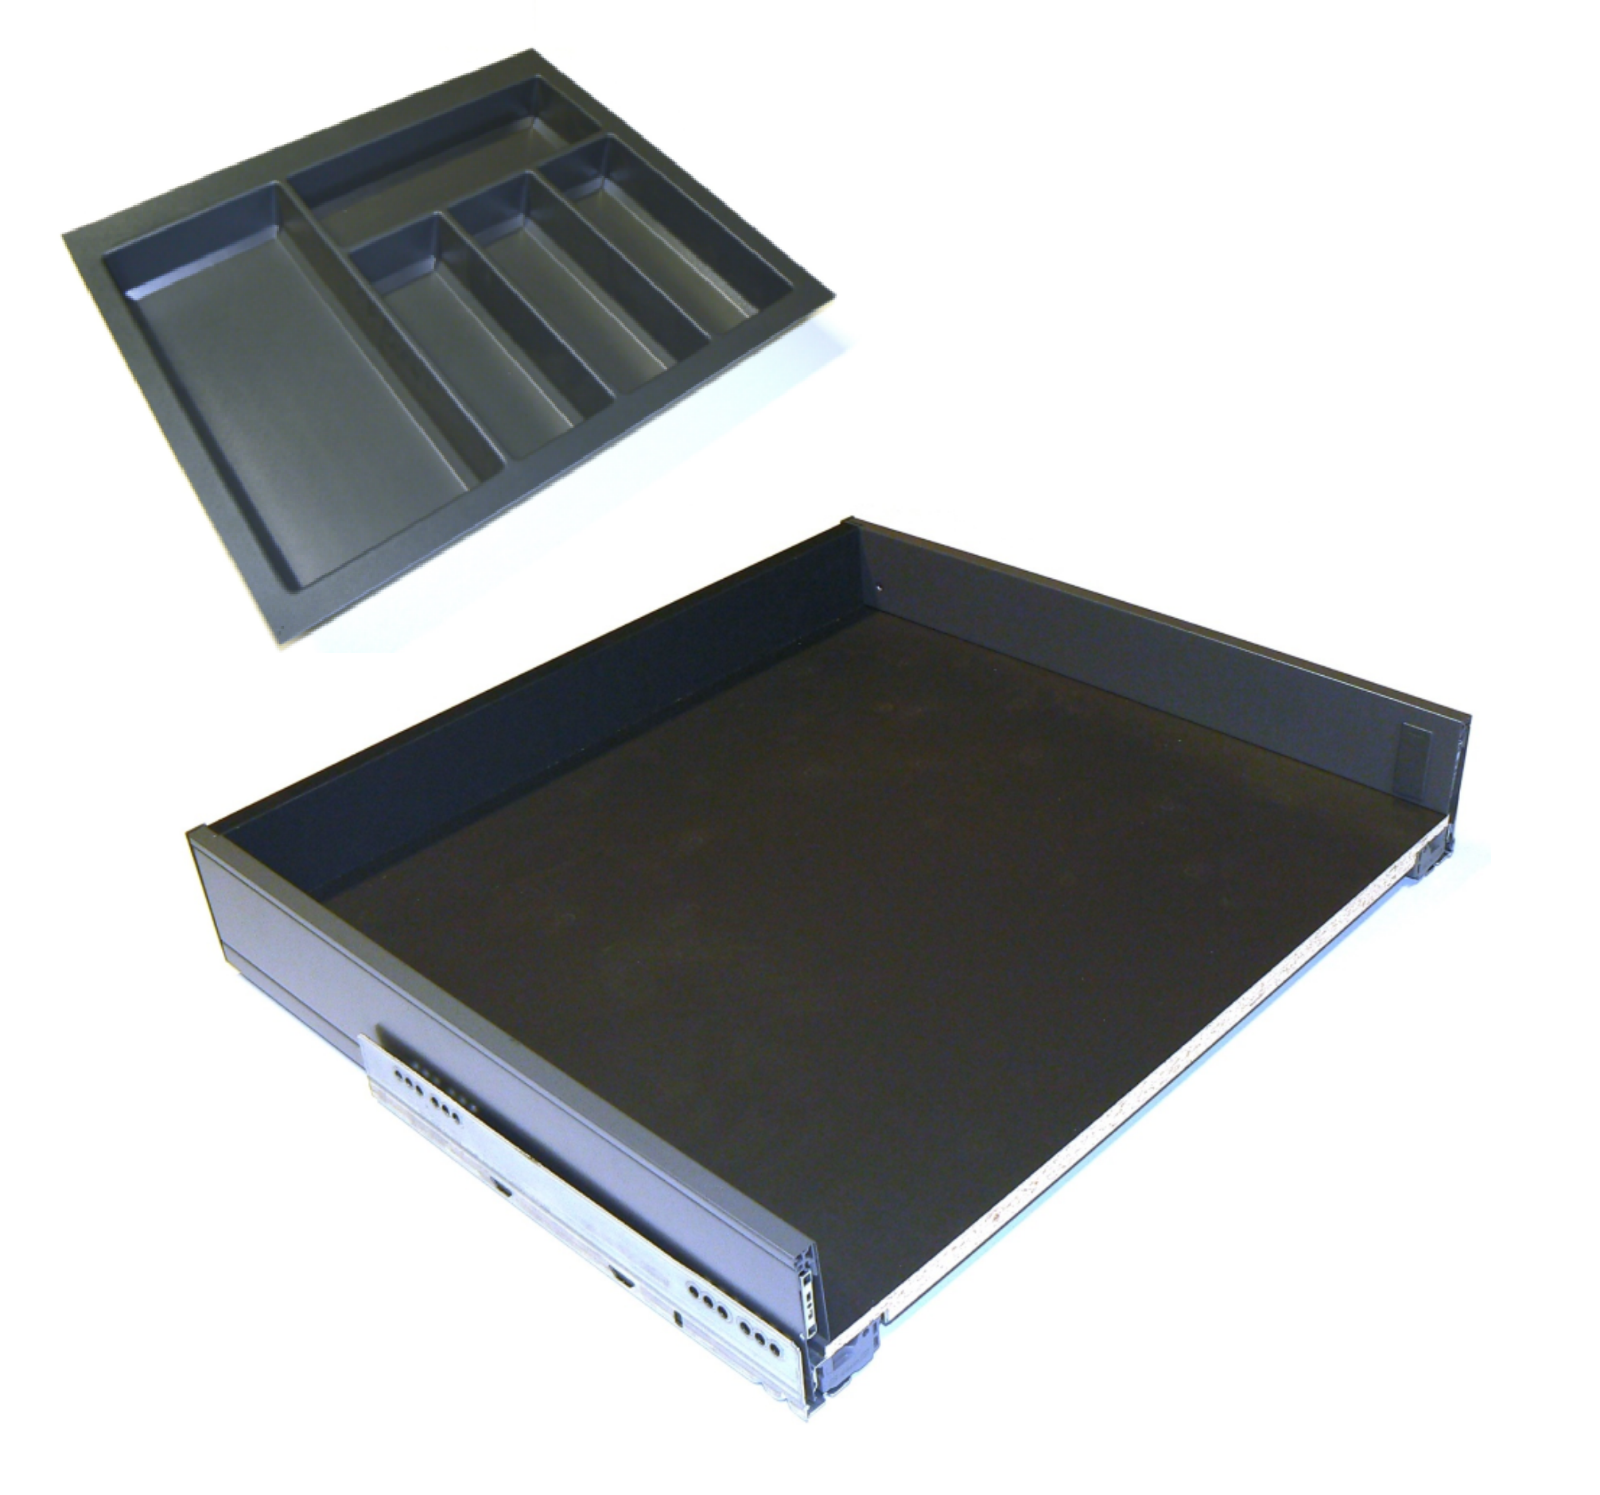 BLUM LEGRABOX 'M' altezza standard CASSETTO COMPLETO C W Vassoio per posate cassetto GRATUITO per soddisfare.